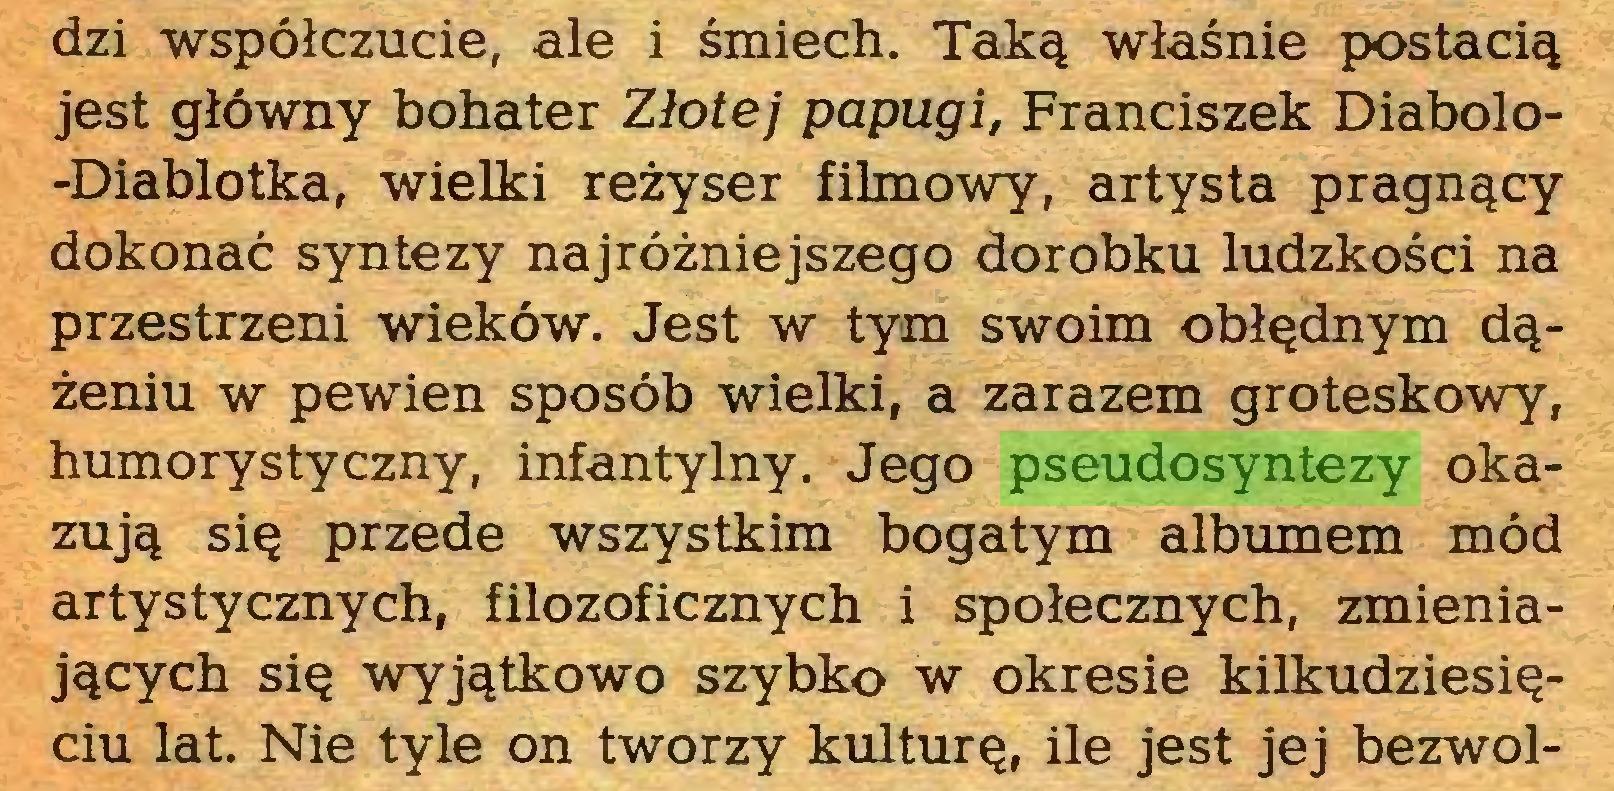 (...) dzi współczucie, ale i śmiech. Taką właśnie postacią jest główny bohater Złotej papugi, Franciszek Diabolo-Diablotka, wielki reżyser filmowy, artysta pragnący dokonać syntezy najróżniejszego dorobku ludzkości na przestrzeni wieków. Jest w tym swoim obłędnym dążeniu w pewien sposób wielki, a zarazem groteskowy, humorystyczny, infantylny. Jego pseudosyntezy okazują się przede wszystkim bogatym albumem mód artystycznych, filozoficznych i społecznych, zmieniających się wyjątkowo szybko w okresie kilkudziesięciu lat. Nie tyle on tworzy kulturę, ile jest jej bezwol...